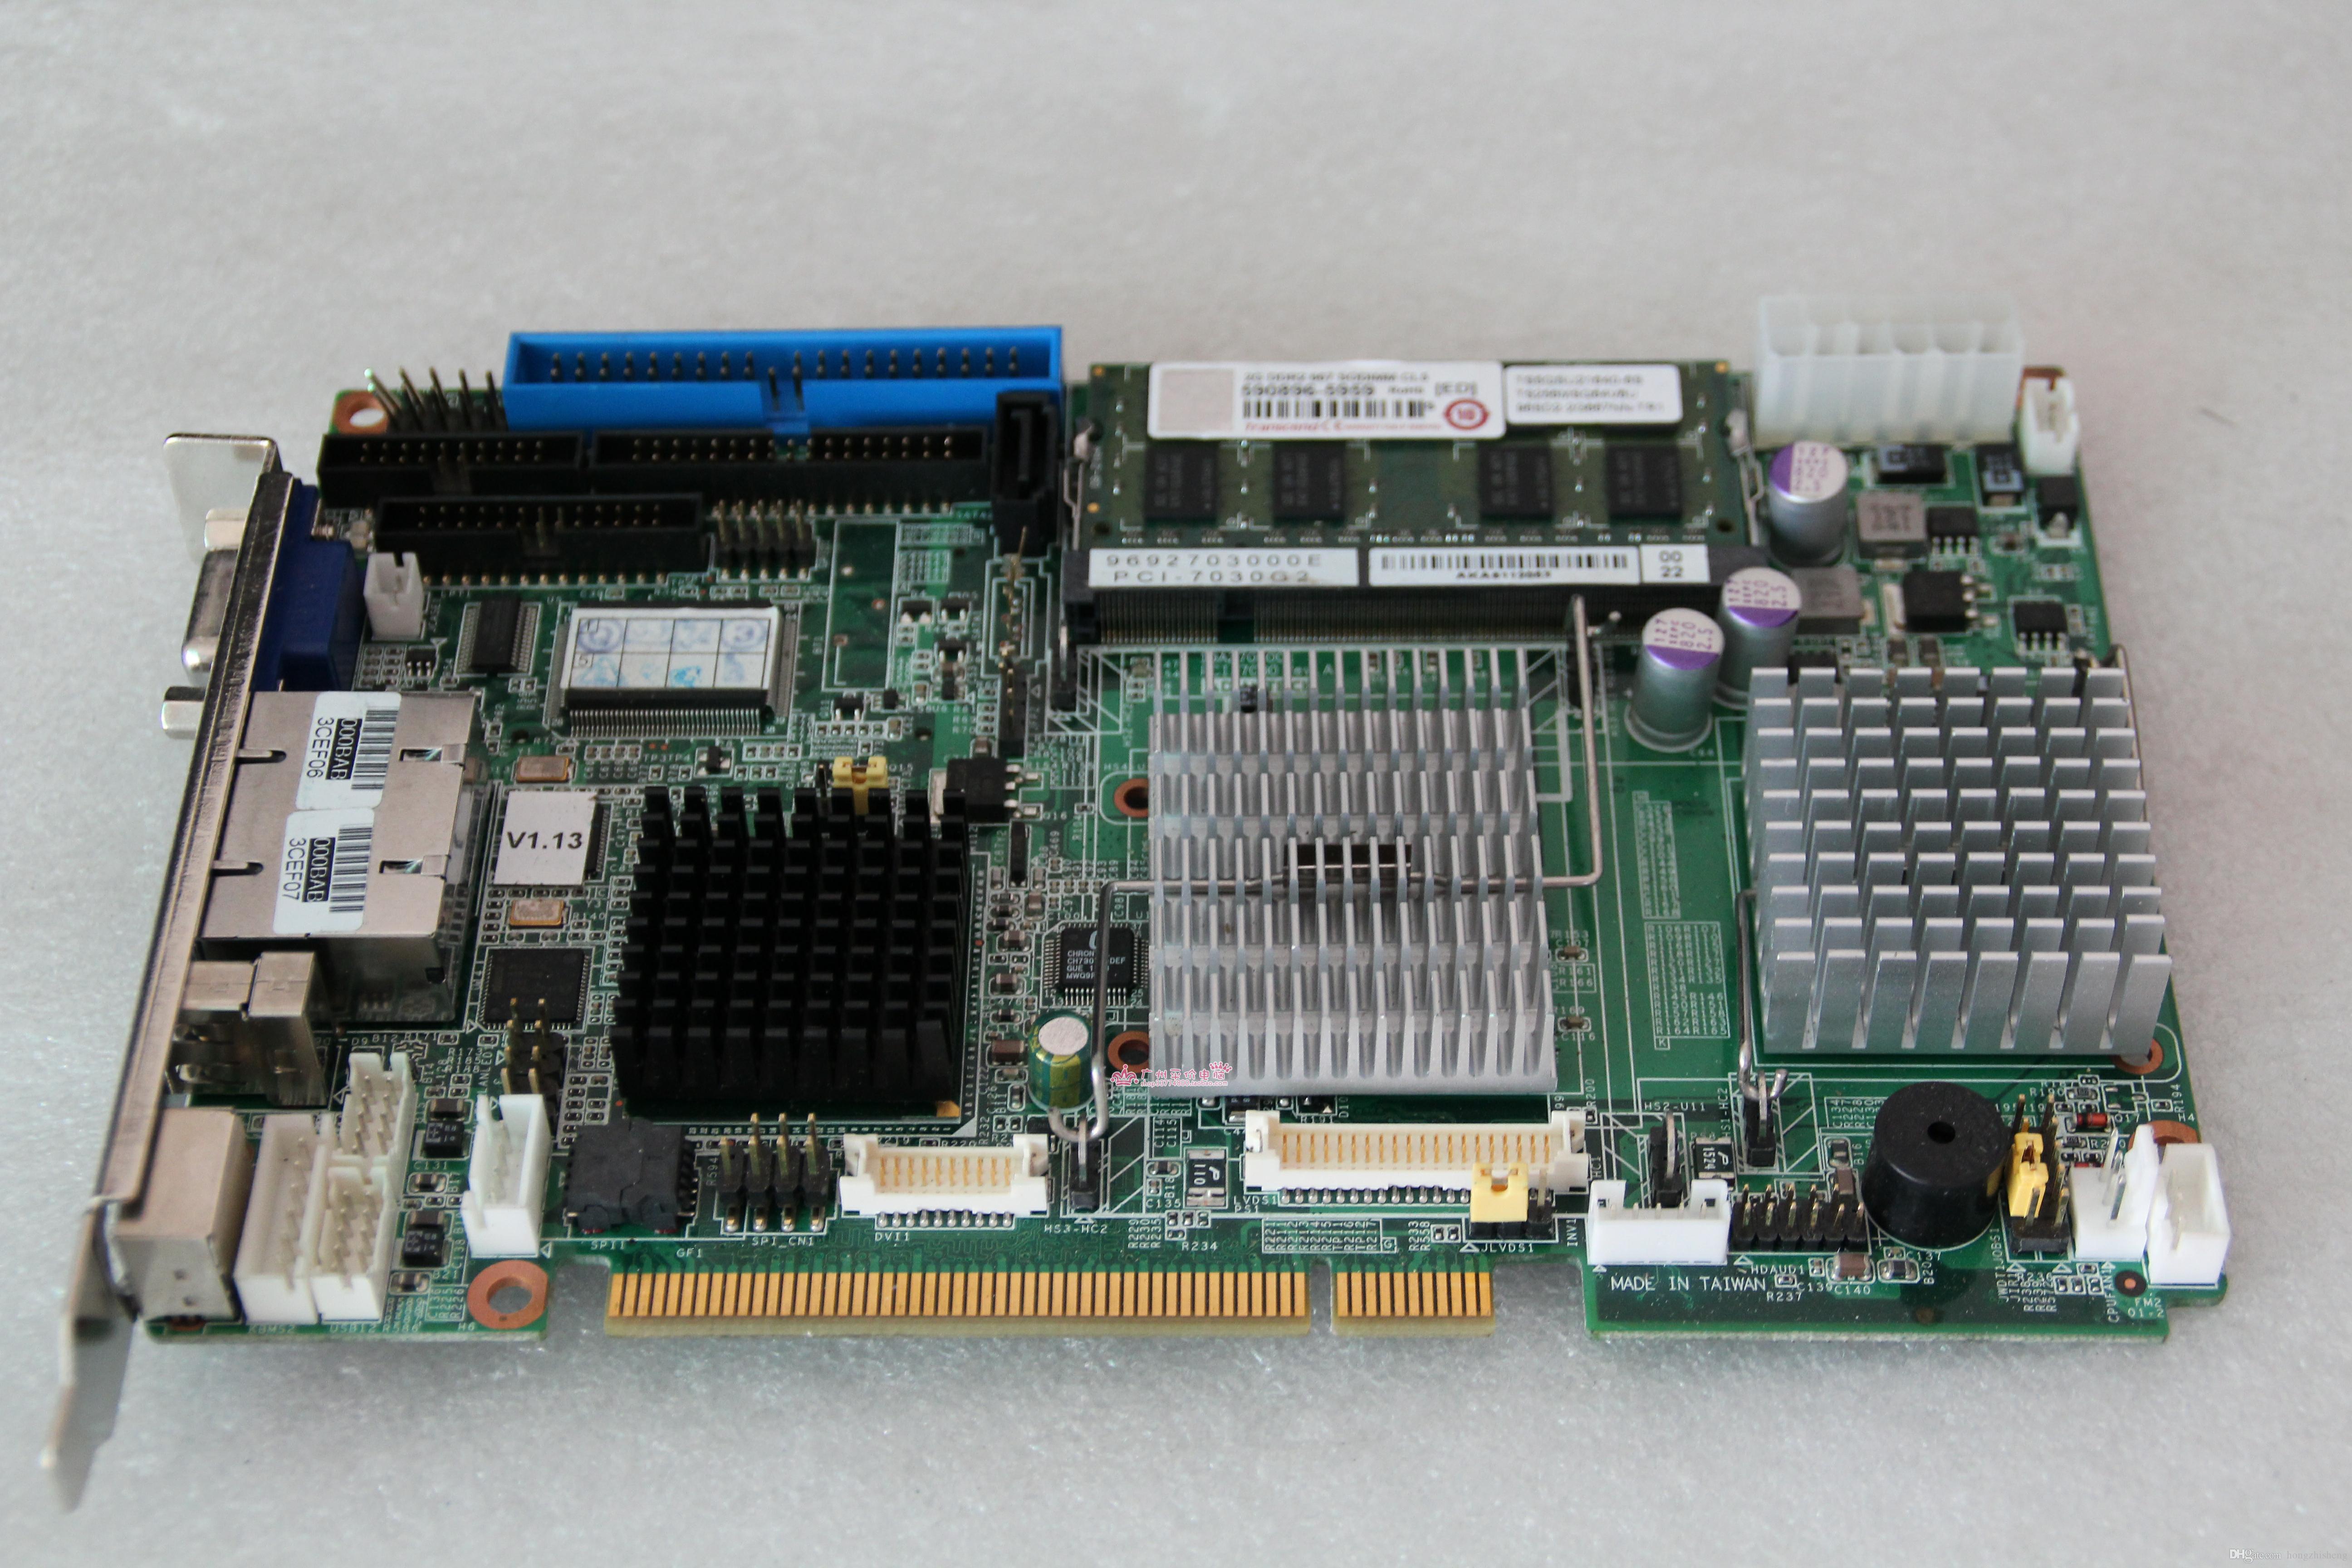 Оригинальная промышленная материнская плата PCI-7030 PCI-7030G2 будет тестироваться перед отправкой